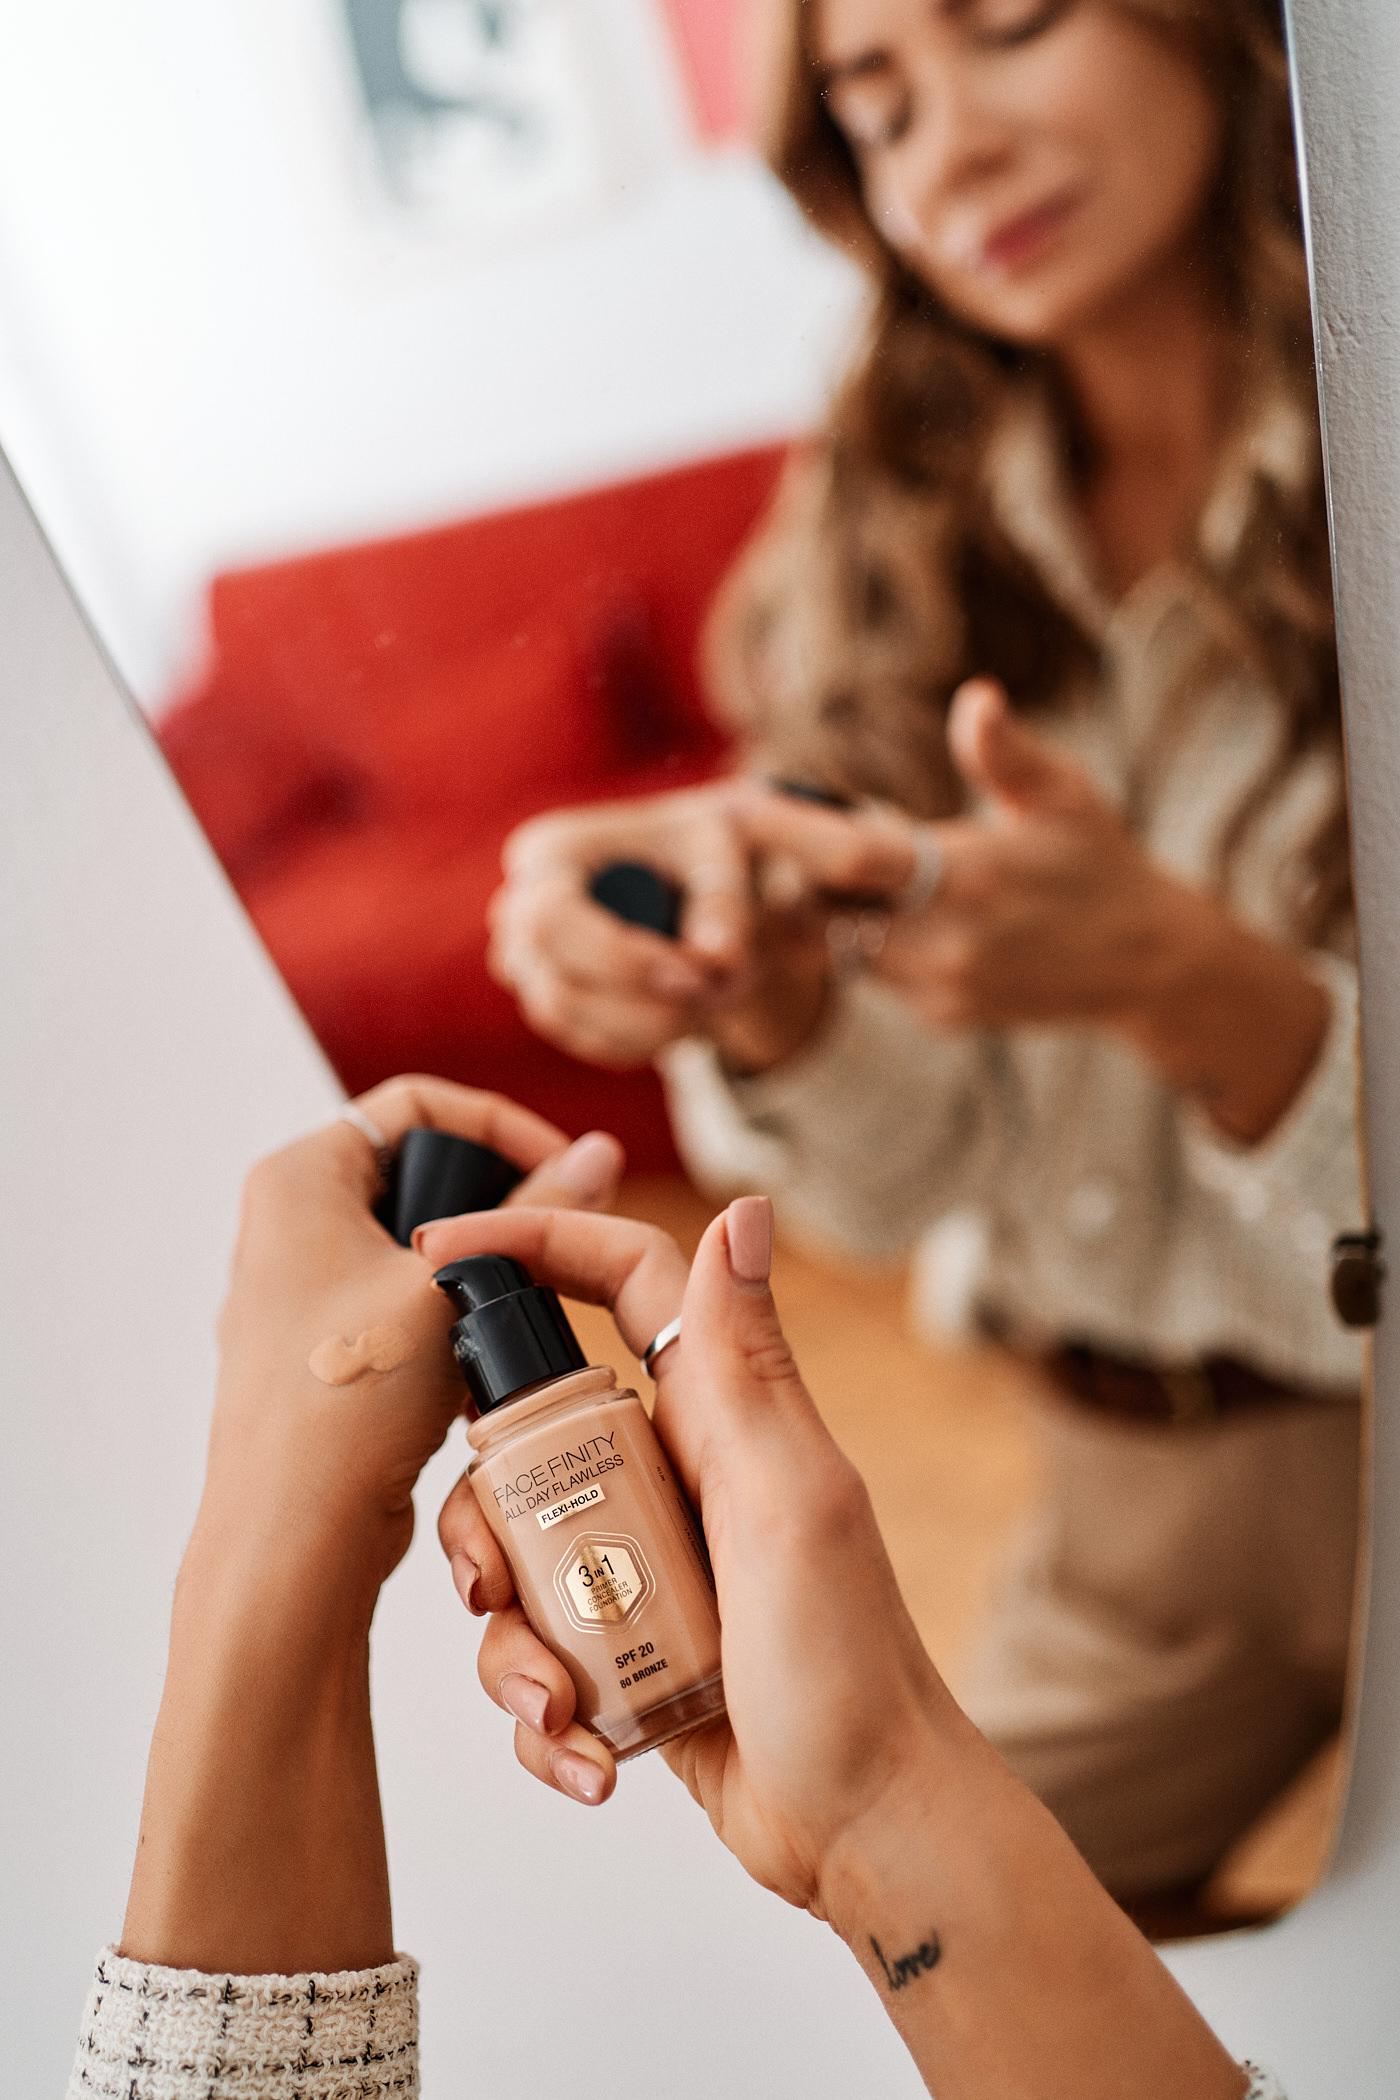 Podkład Max Factor Facefinity All Day Flawless 3 w 1 to podkład z filtrem SPF 20, który sprawi, że Twój makijaż świąteczny będzie także chronił Twoją skórę